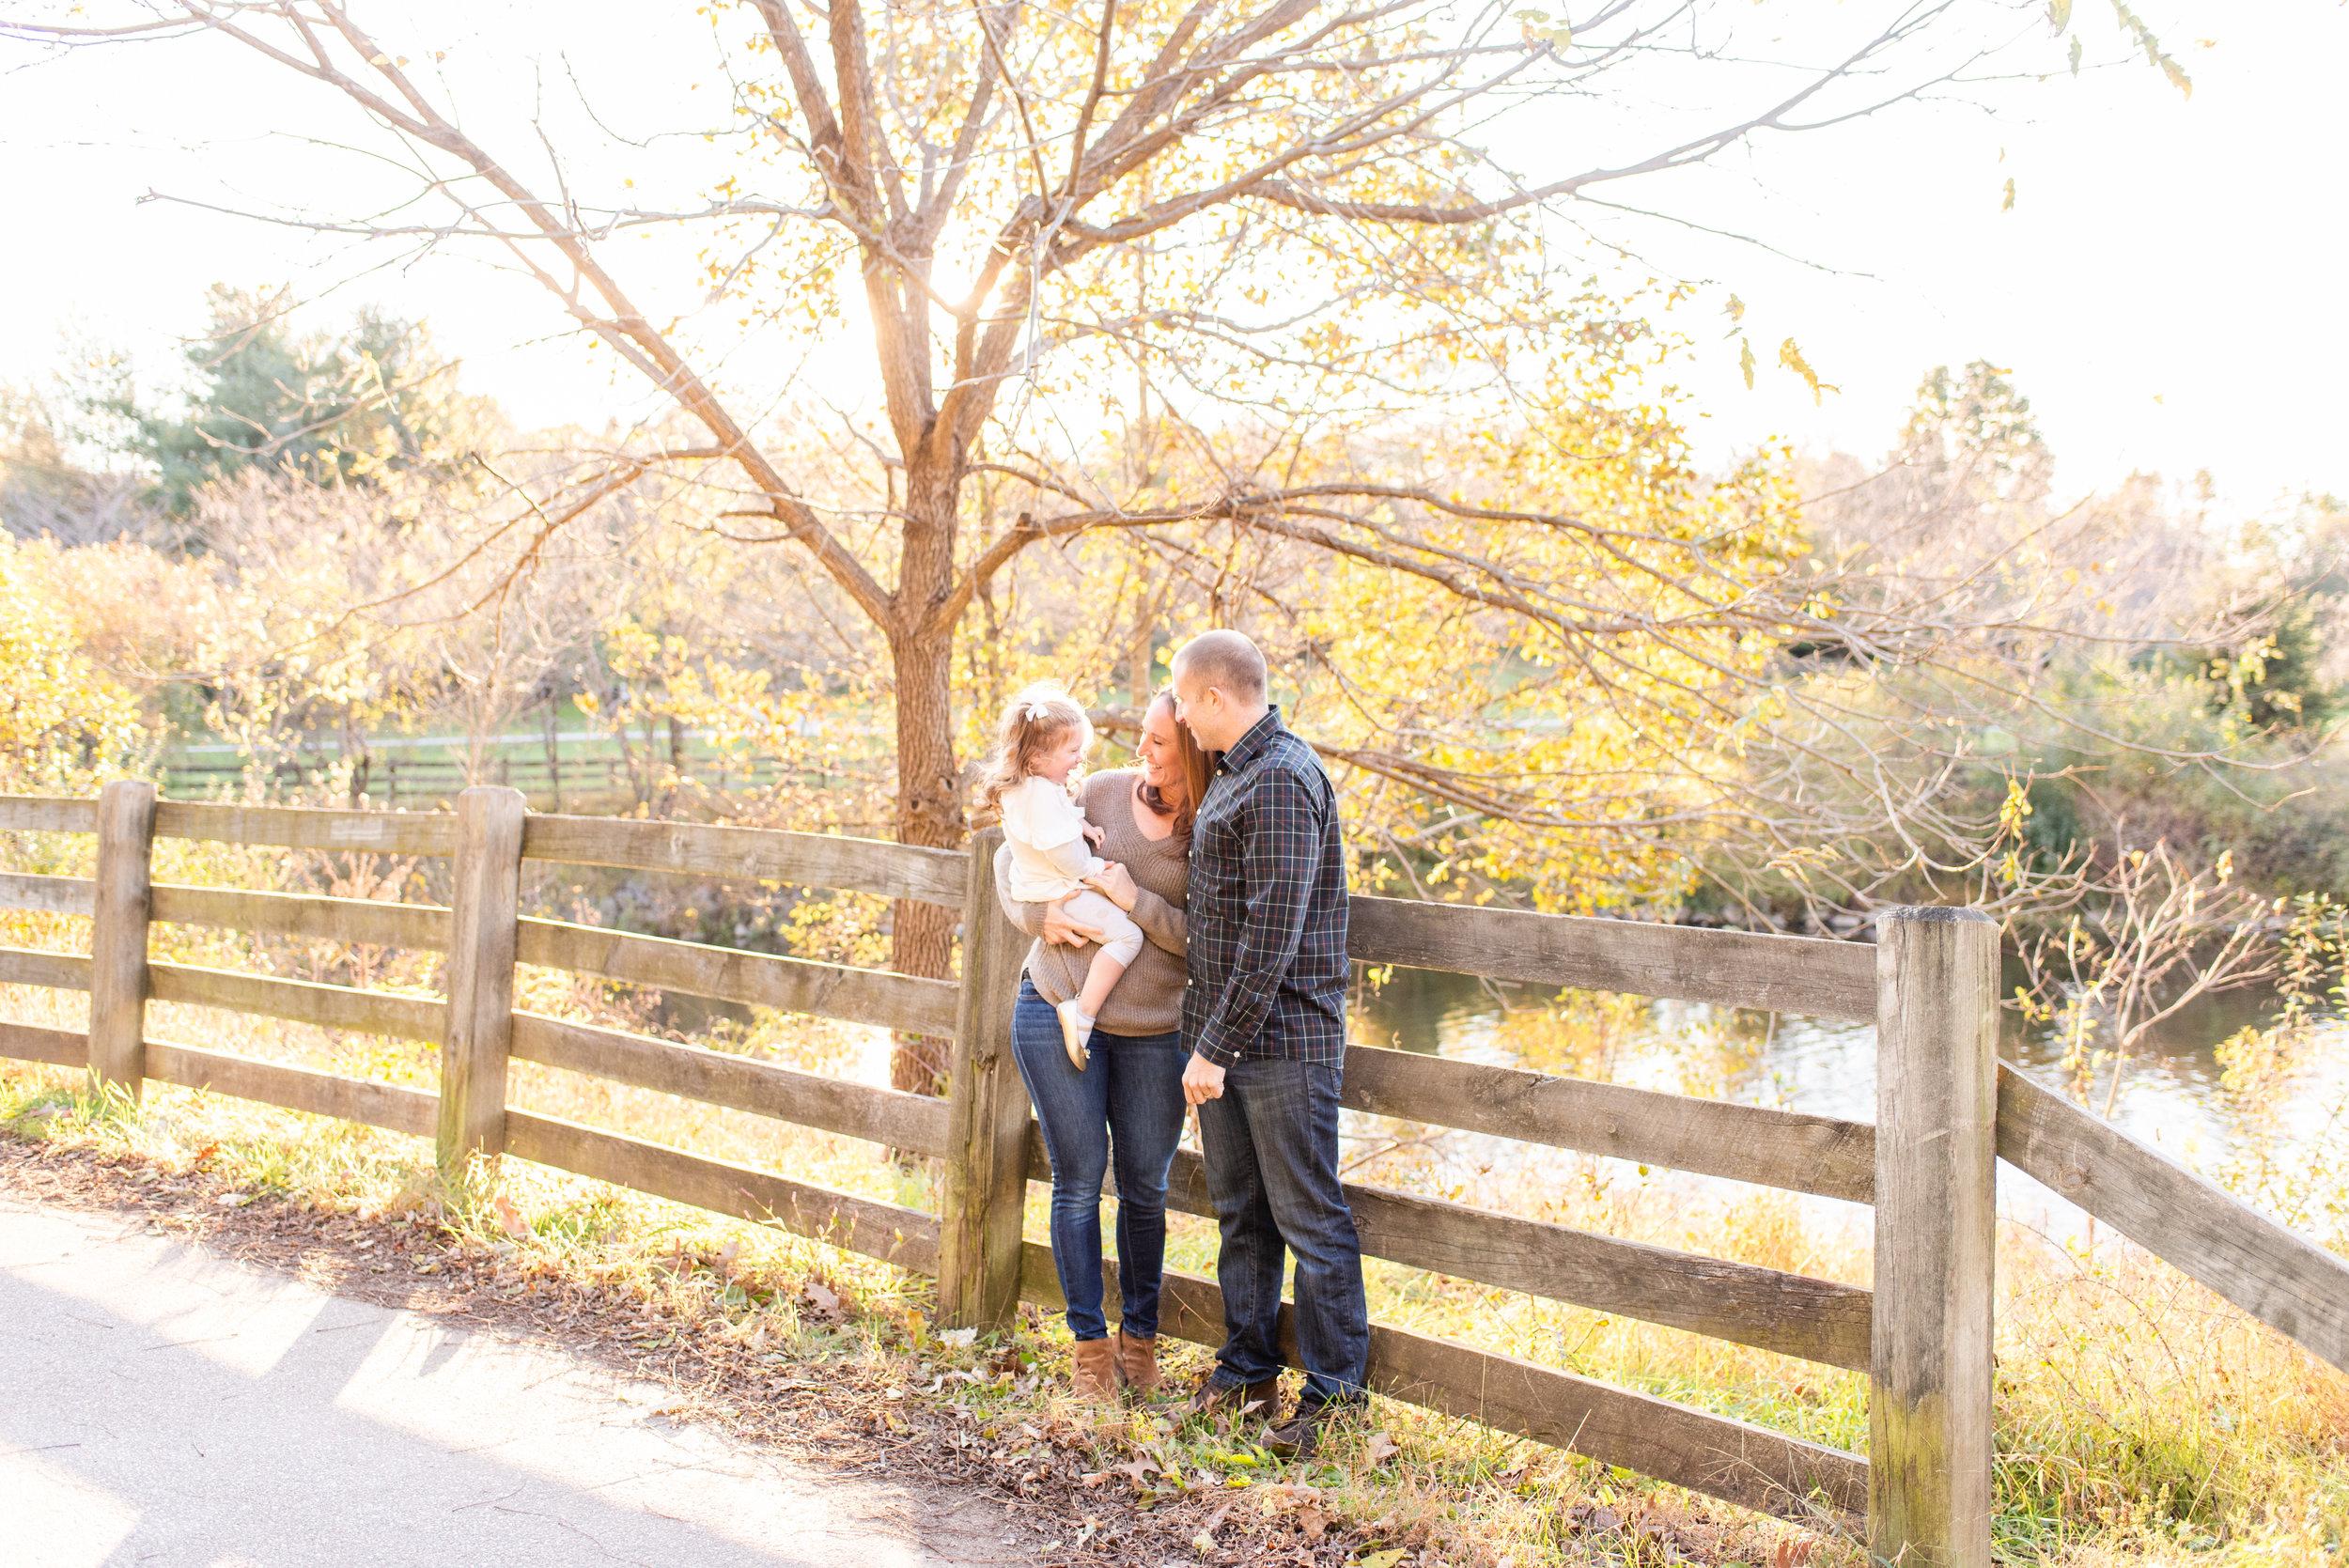 The-Wilner-Family-Centennial-Park-Maryland-Family-Photographer (111 of 139).jpg